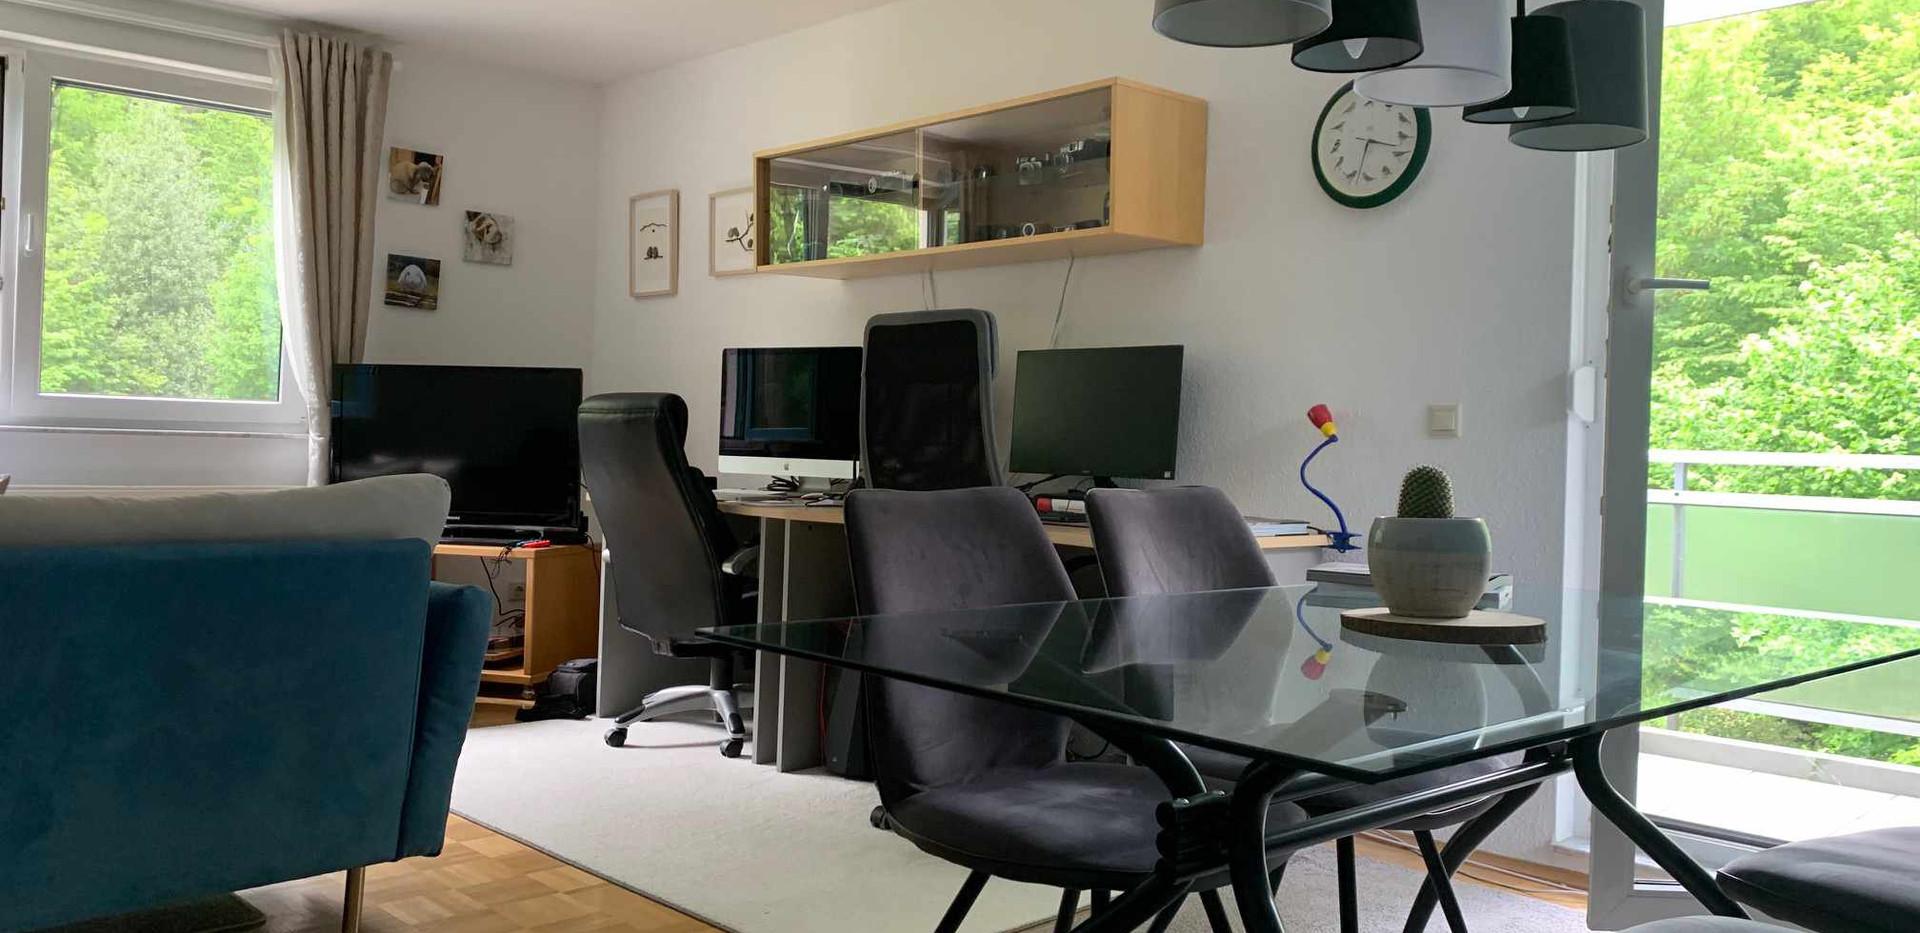 Wohnweisend_Immobilien_Wohnraum2_WVME520